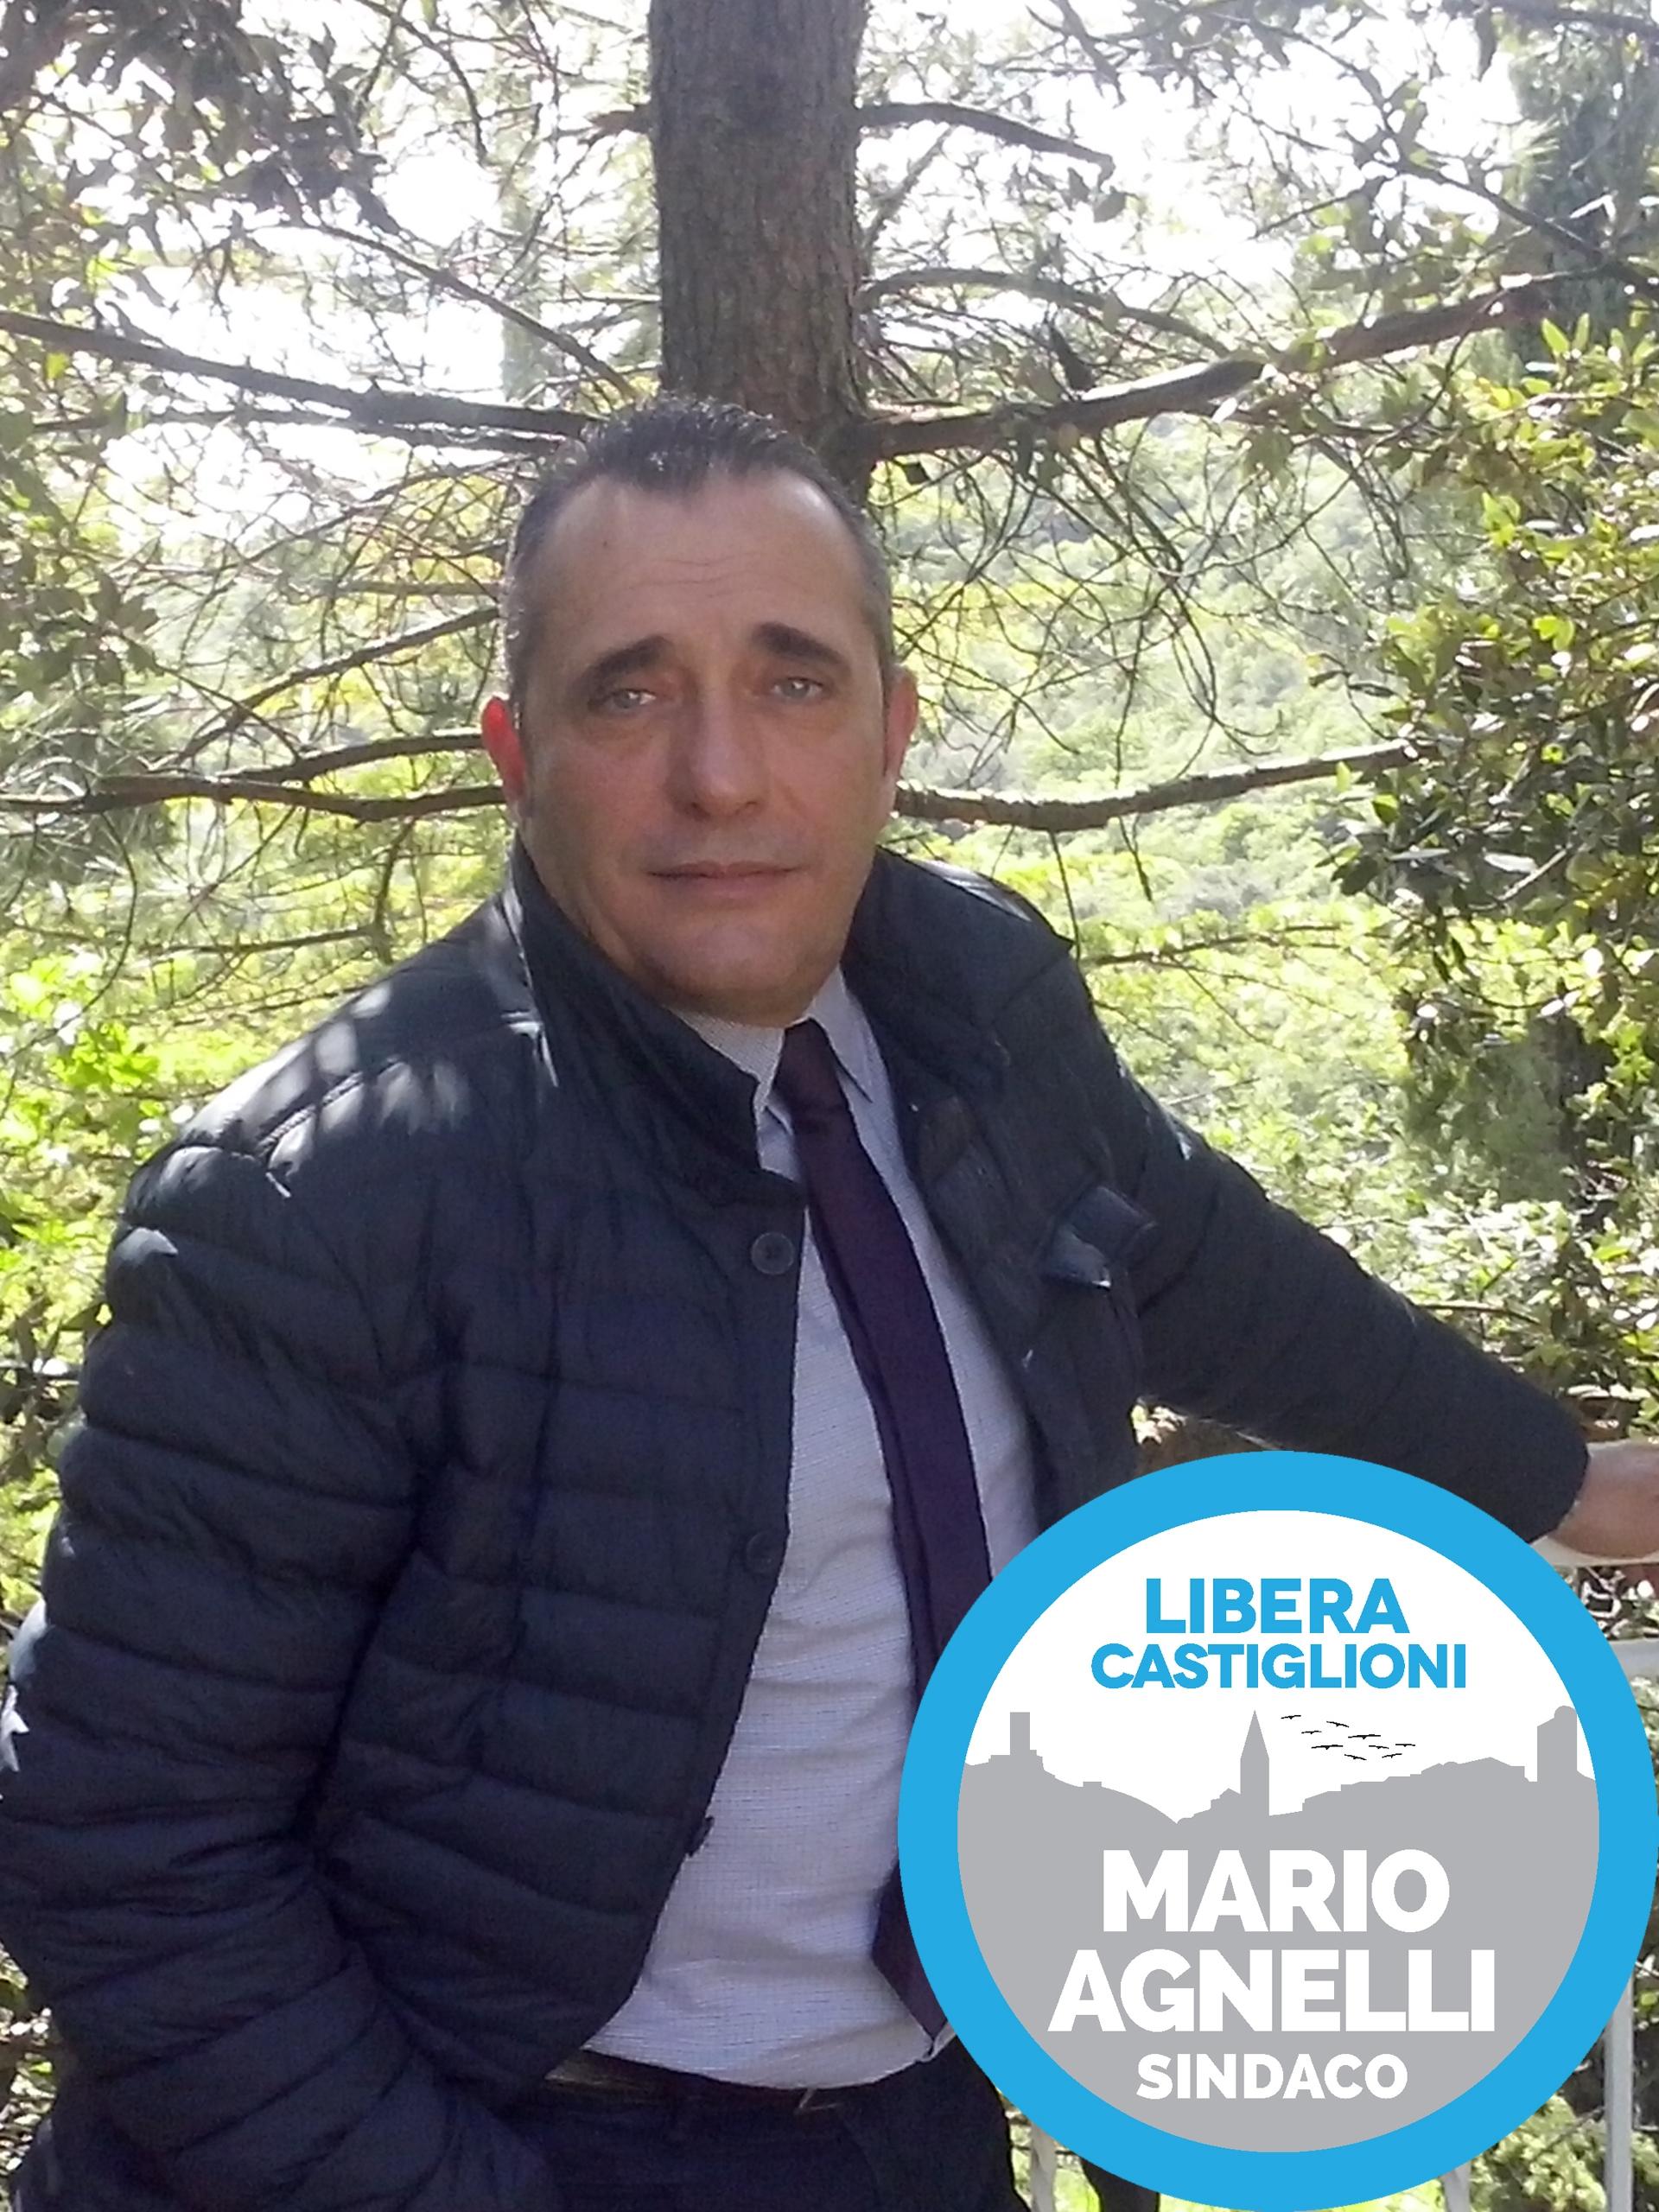 Fabio Bidi, candidati per la Lista Libera Castiglioni